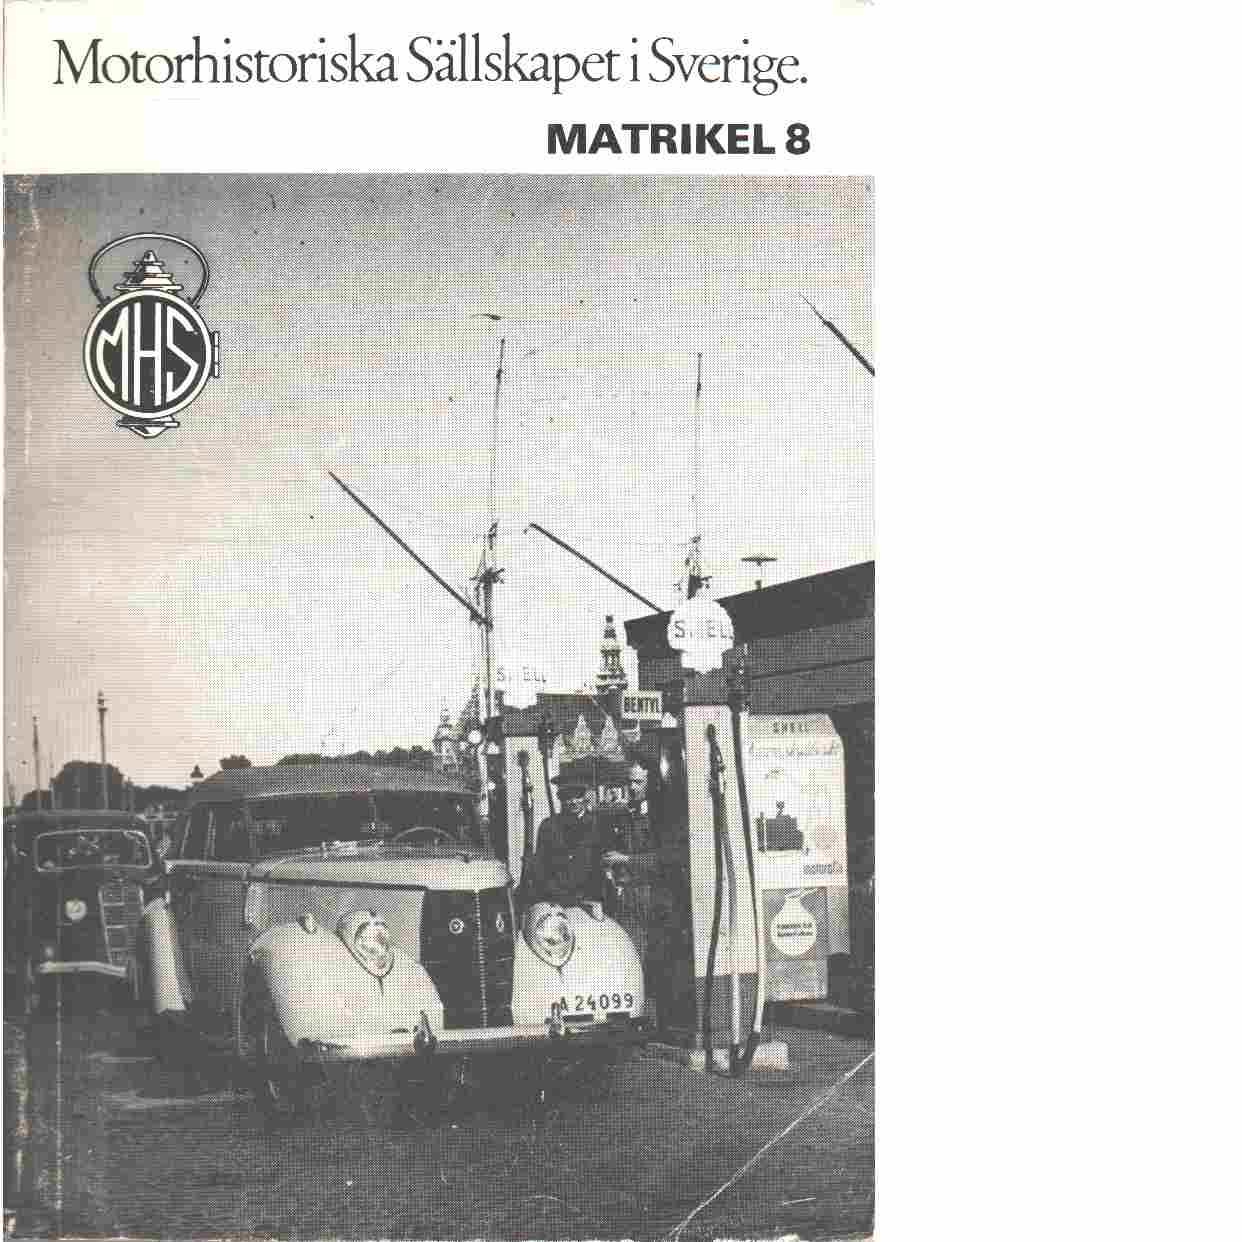 Matrikel 8  : Motorhistoriska sällskapet i Sverige - MHS - Red.